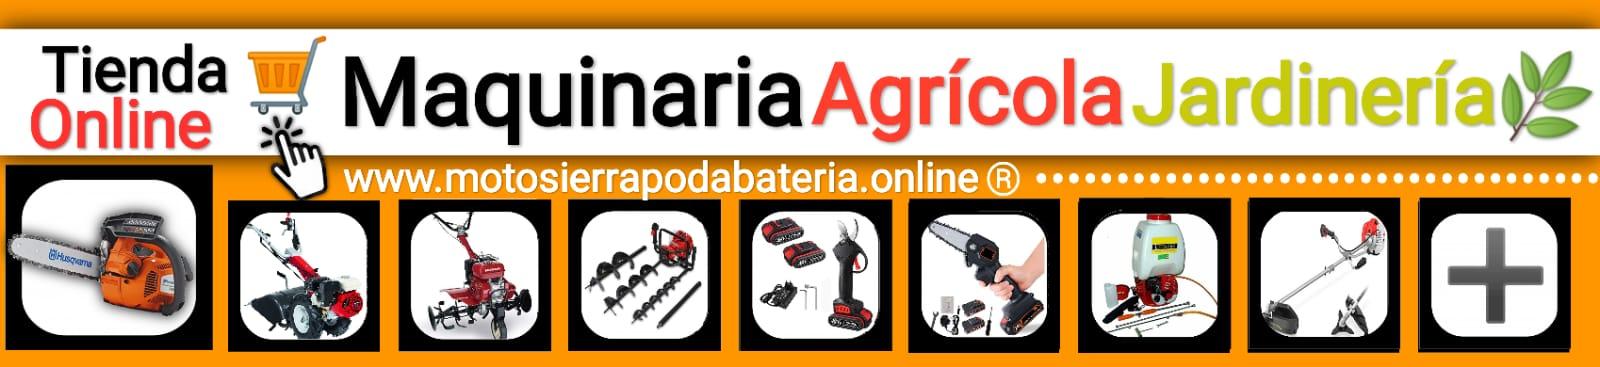 Tienda Online de Maquinaria Agrícola y Jardinería